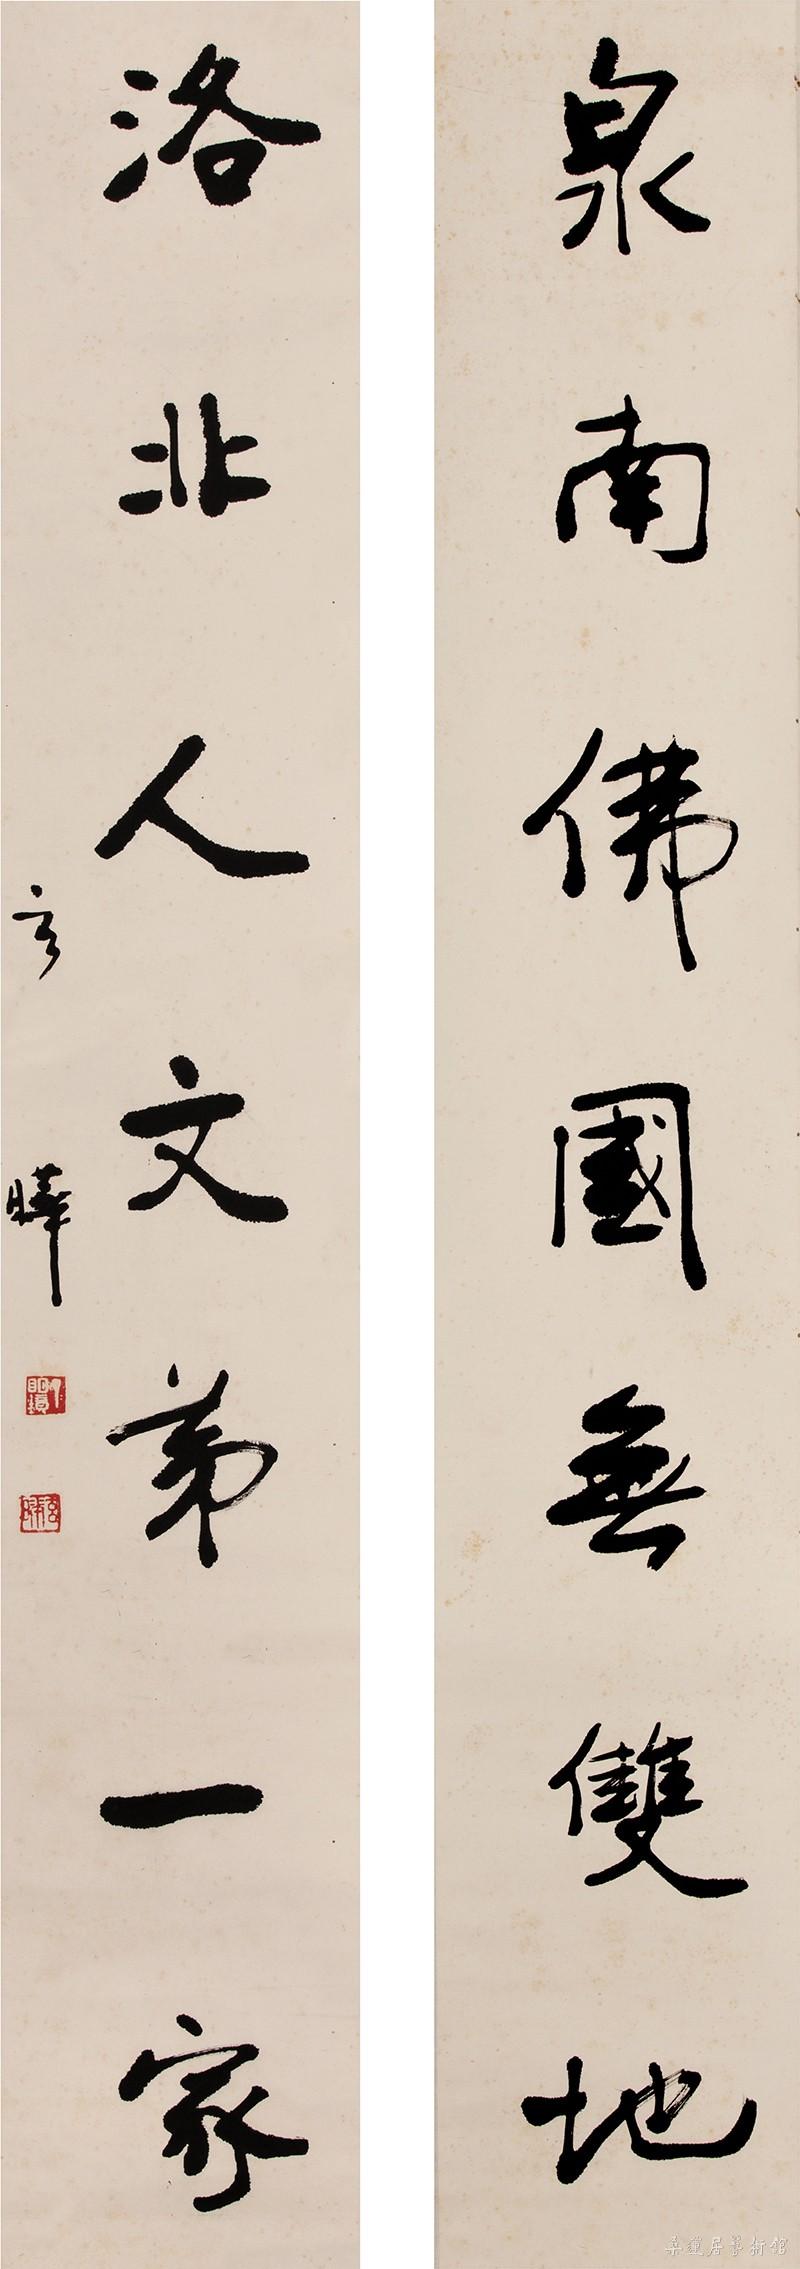 2013秋拍 1 丁明镜 行书七言联 136×23㎝×2 约6平尺 水墨纸本立轴